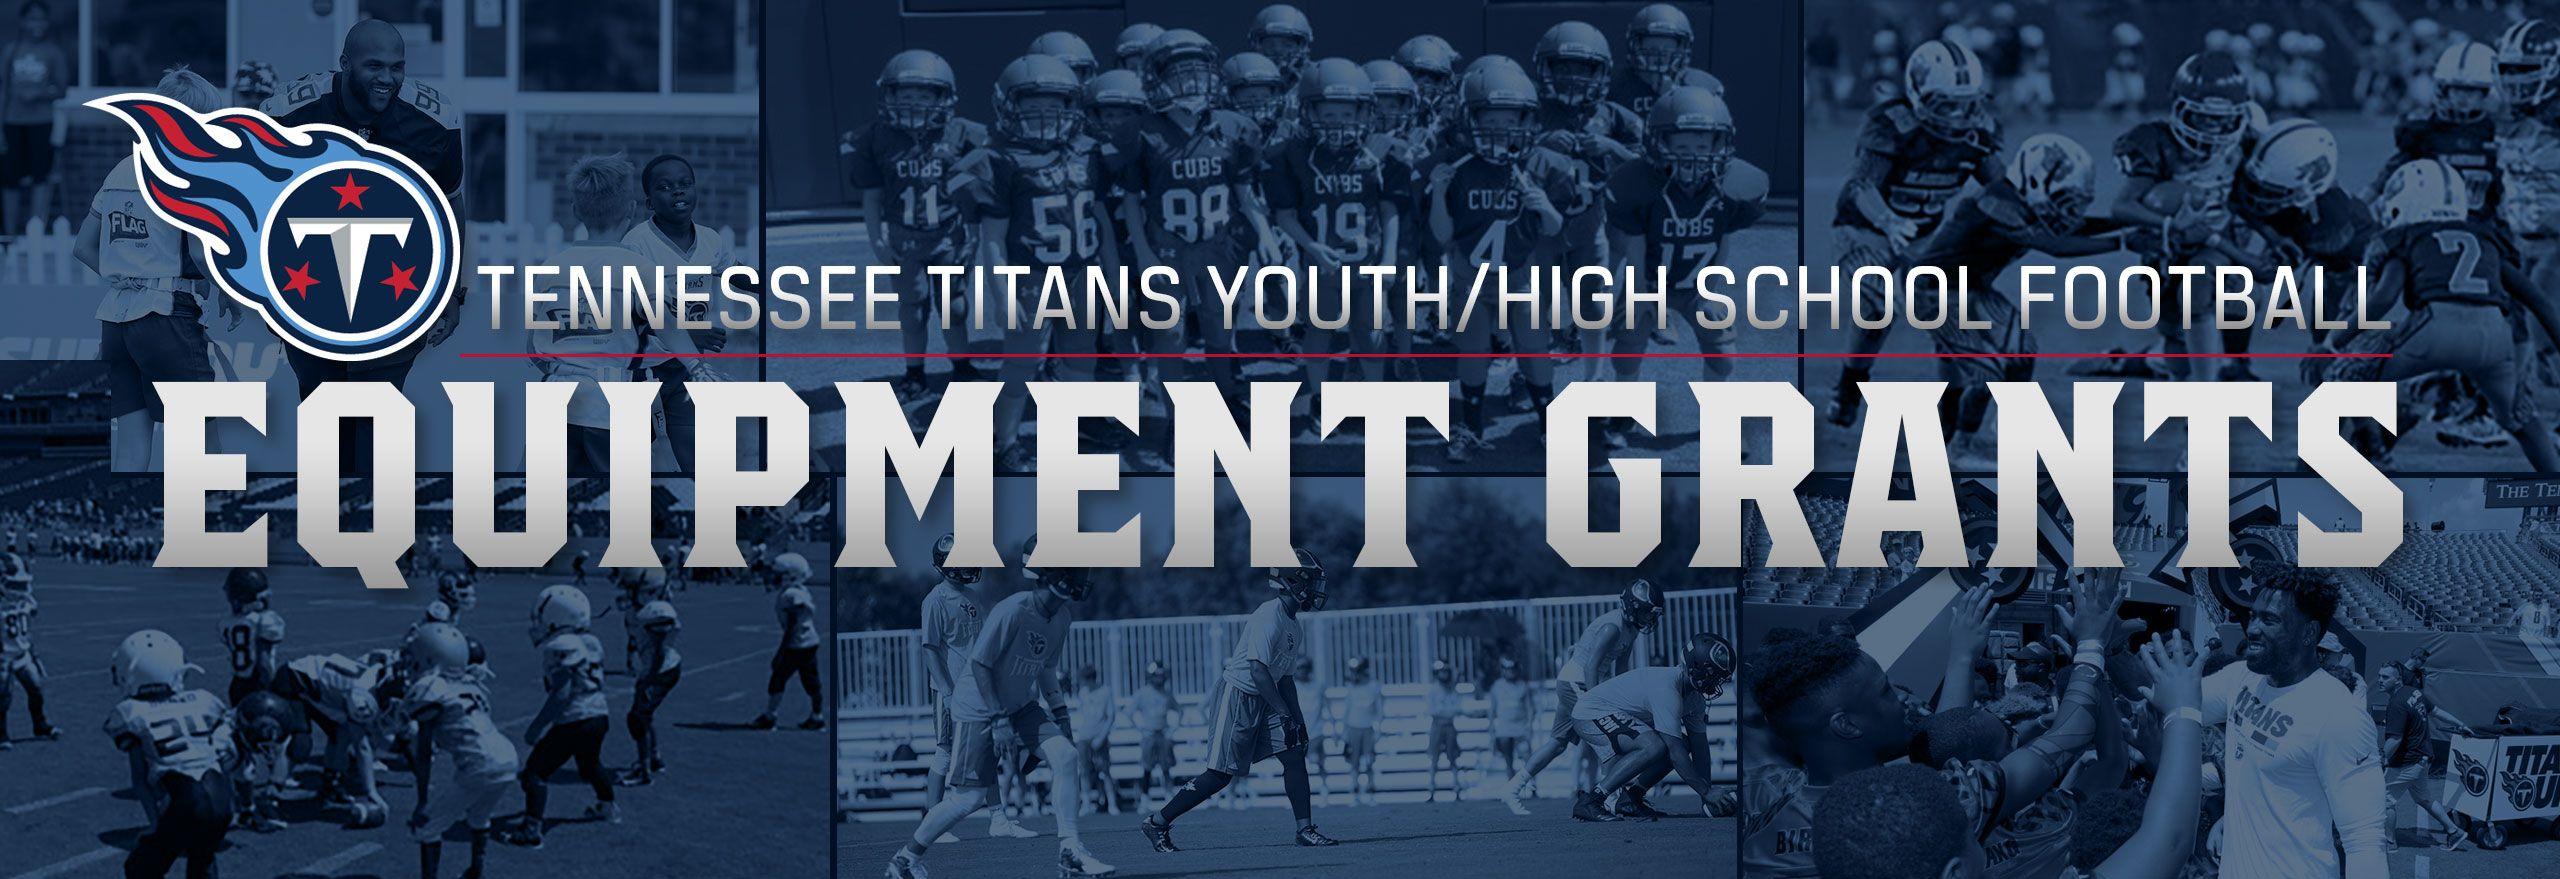 2019-equipment-grant-2560-3